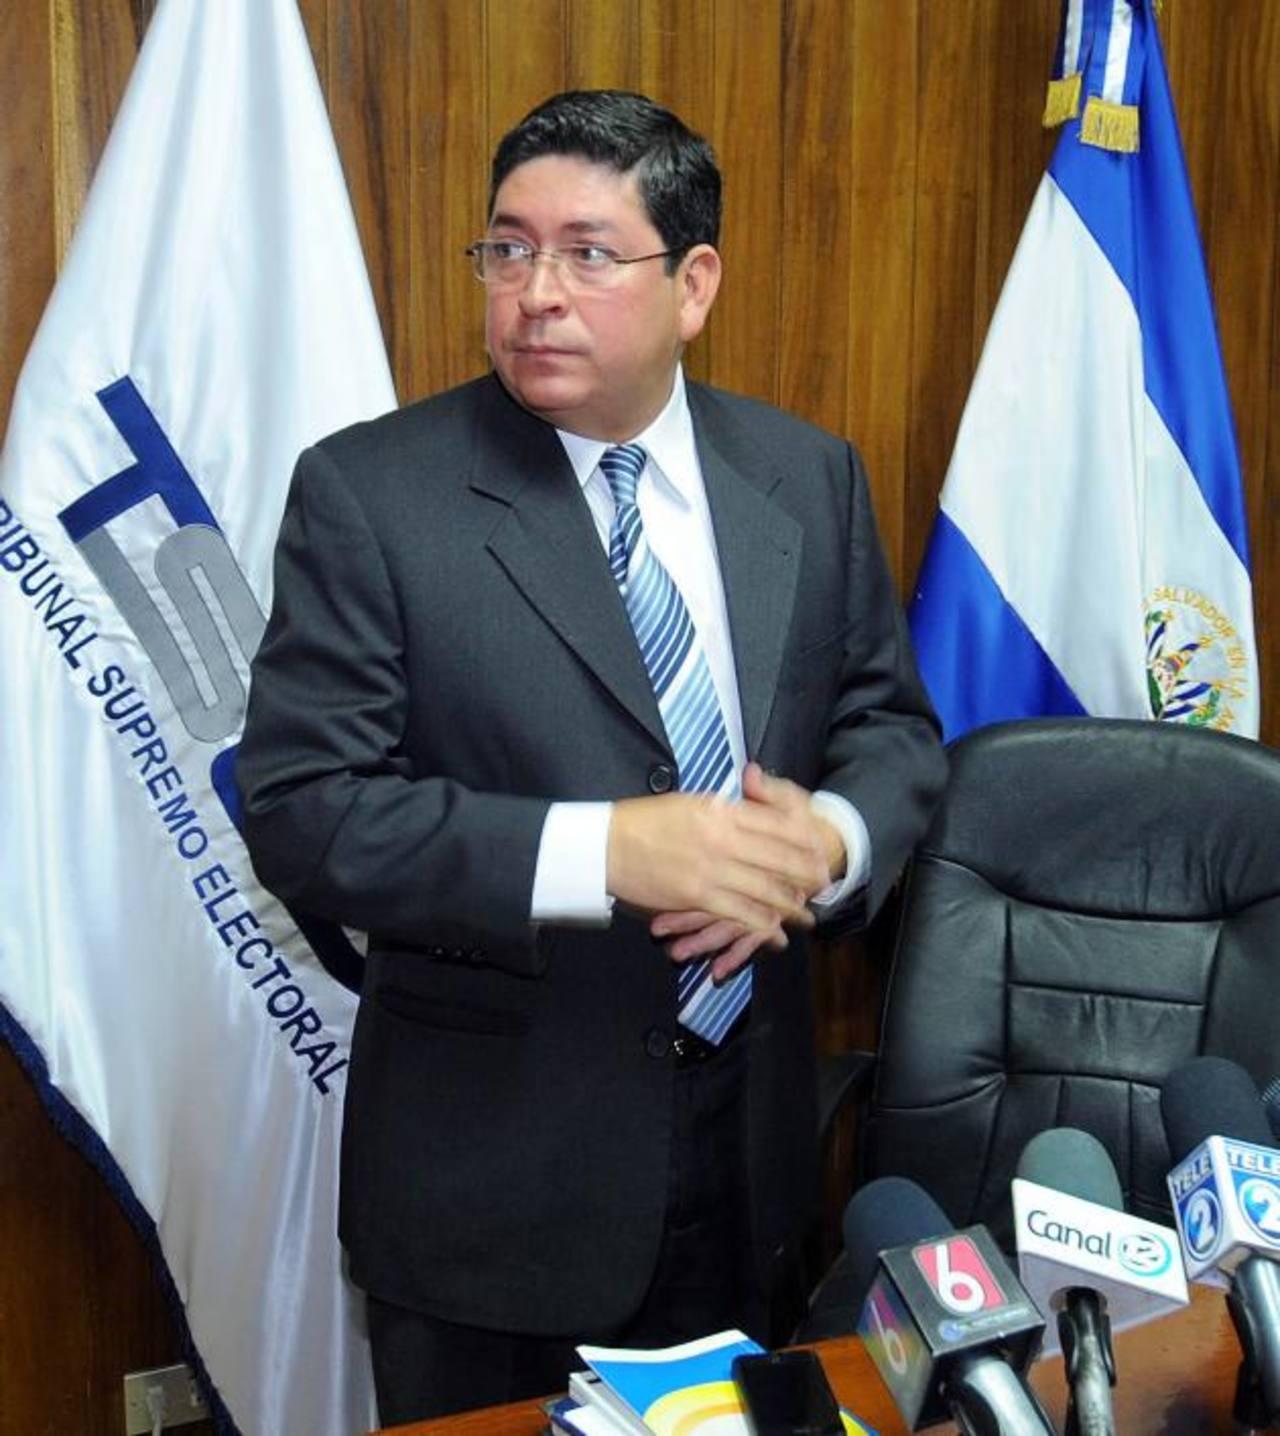 La petición del partido de separar de decisiones importantes a Araujo fue desestimada.